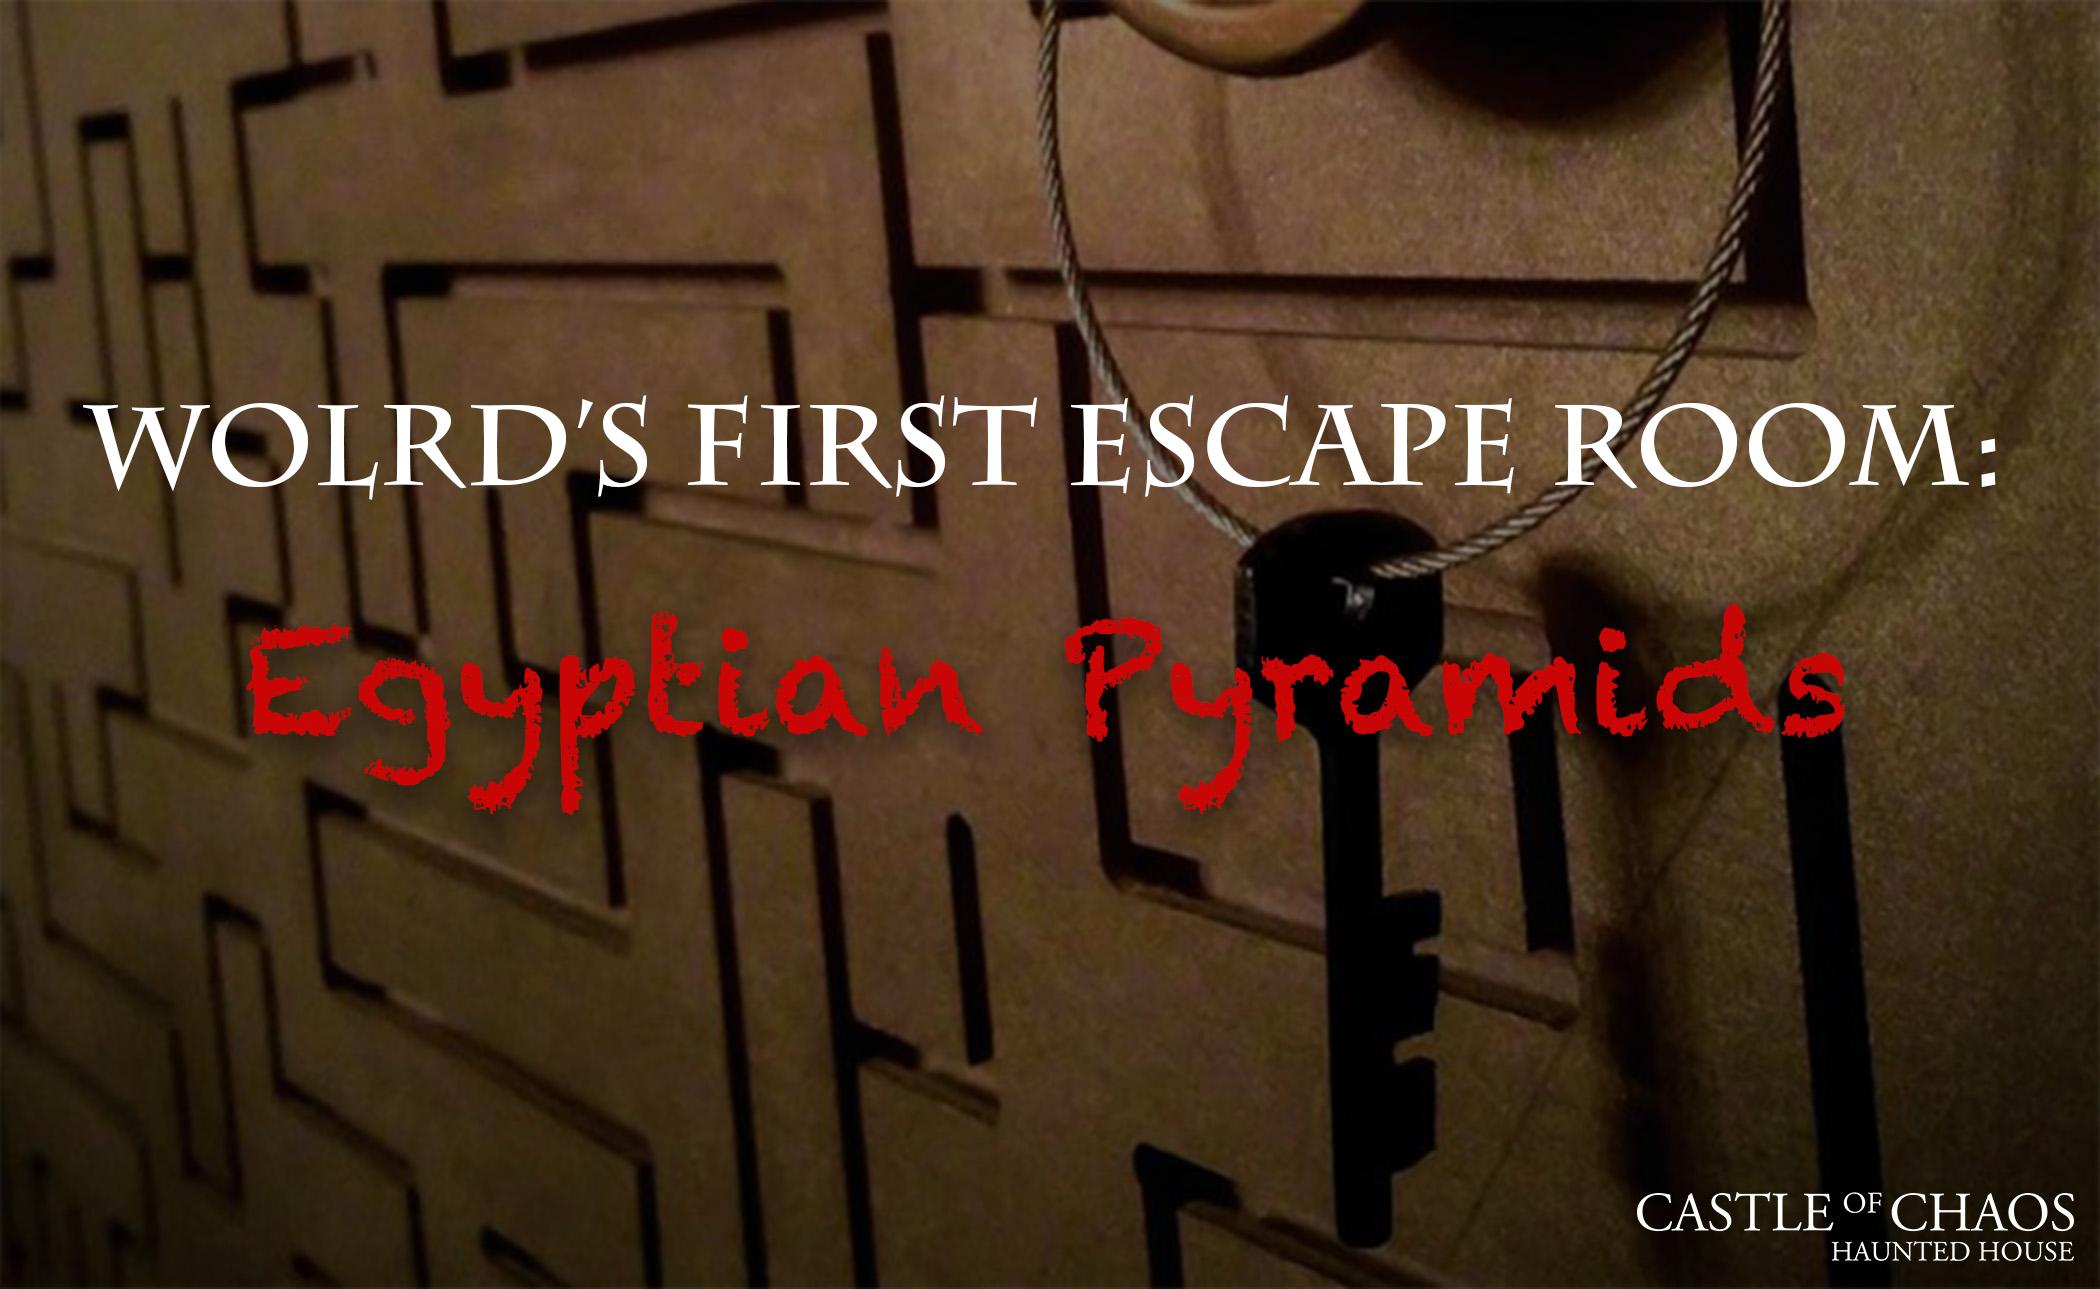 Egyptian Pyramids - Escape Room